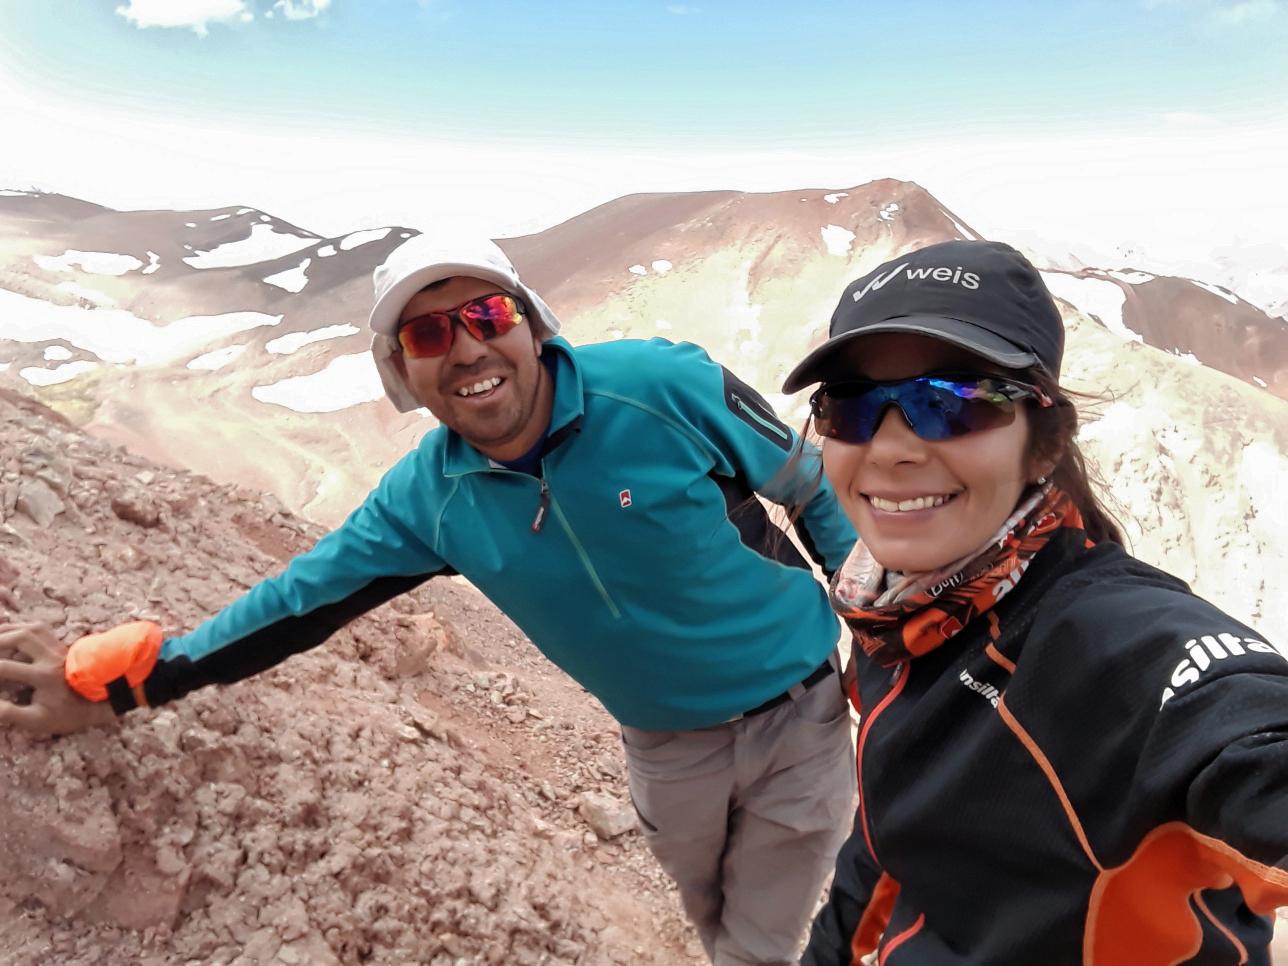 Sonia junto al guía Nazareno Basualdo, quien la asistirá en el desafío Aconcagua.